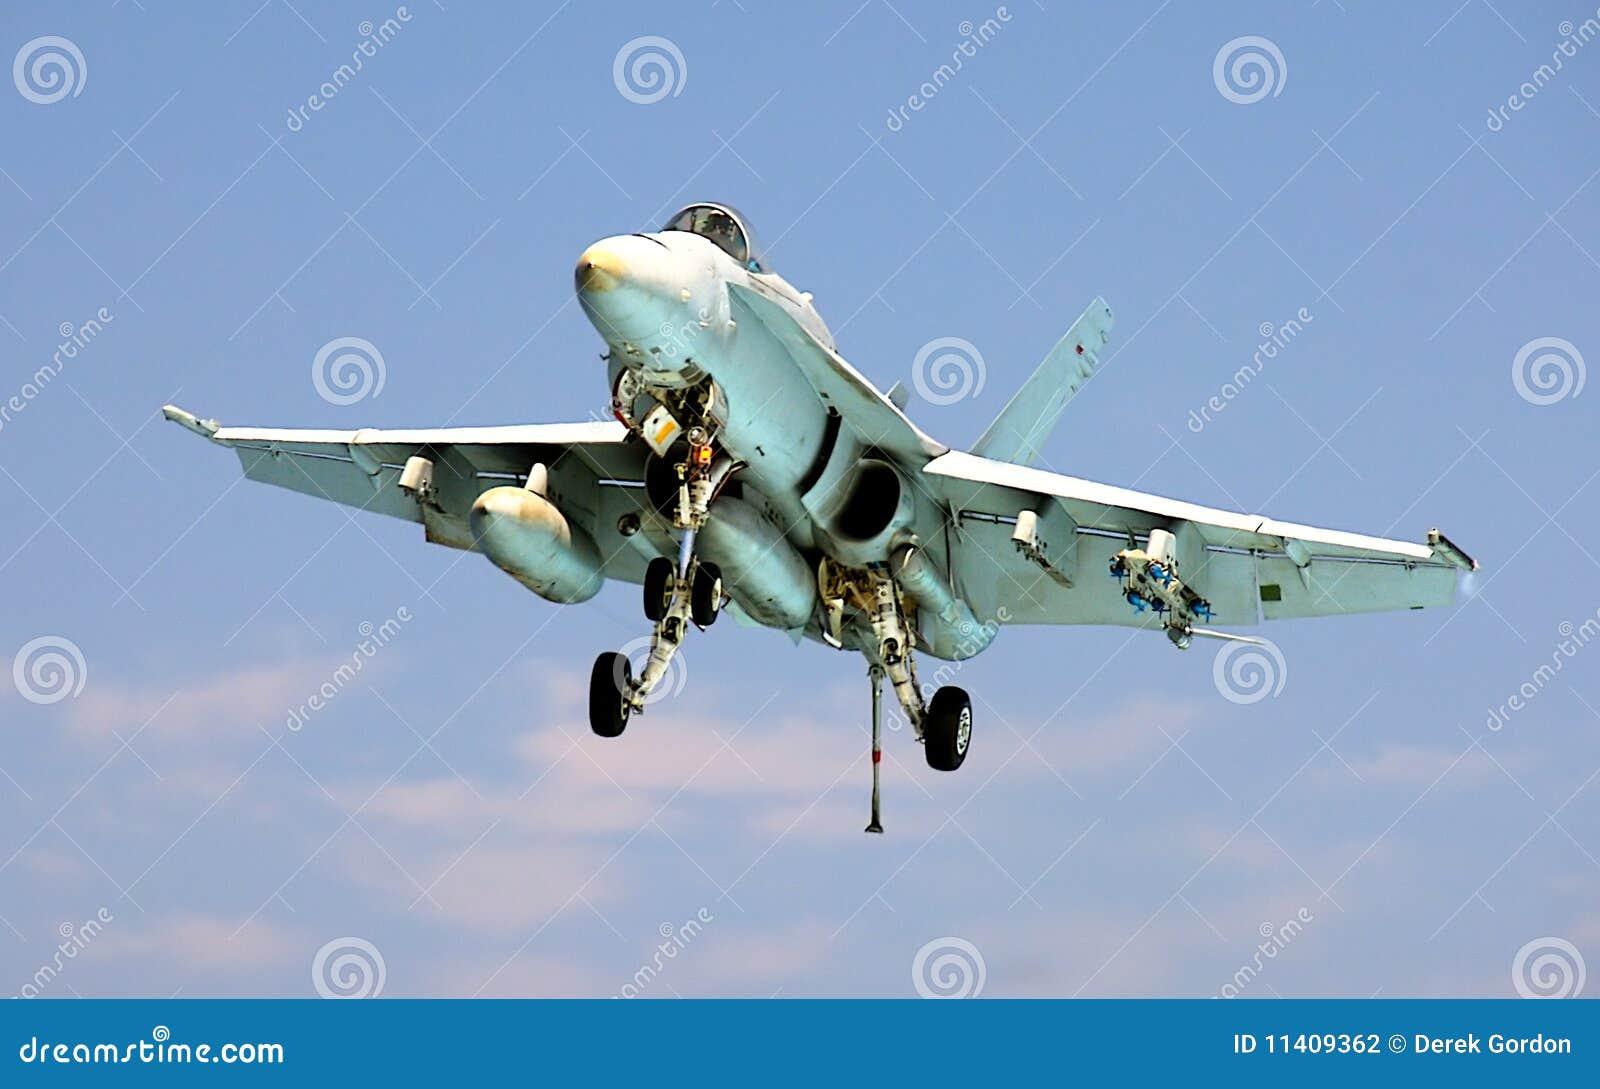 F-18 Hornet Landing on Aircraft Carrier